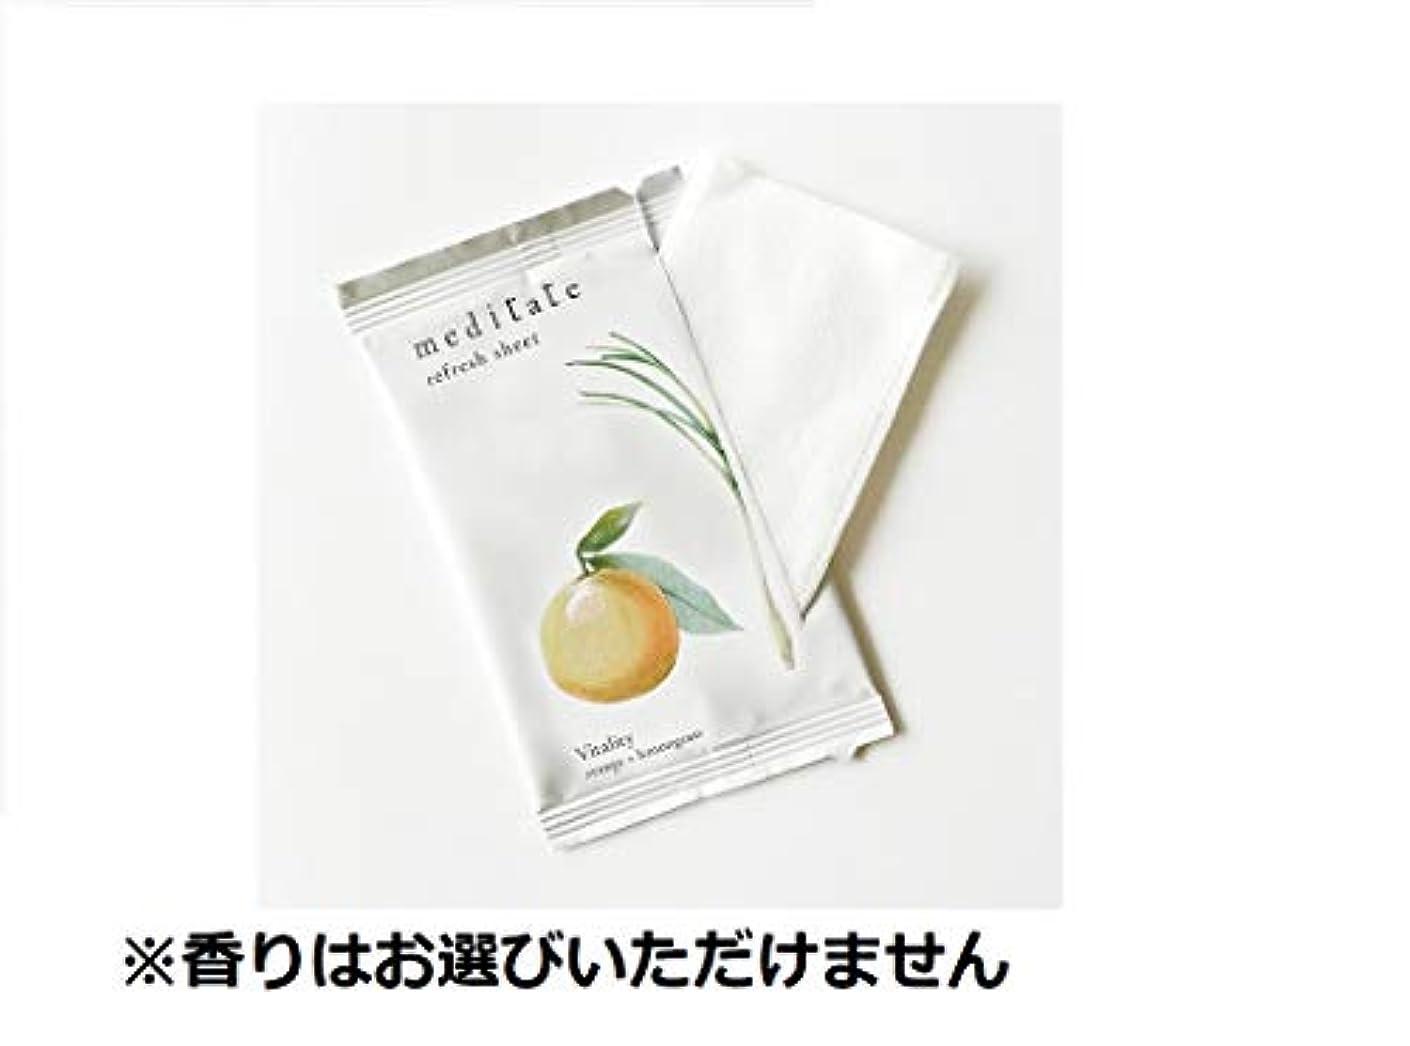 祝う何故なの乳剤大香 リフレッシュシート サンプル 7g 【実質無料サンプルストア対象】